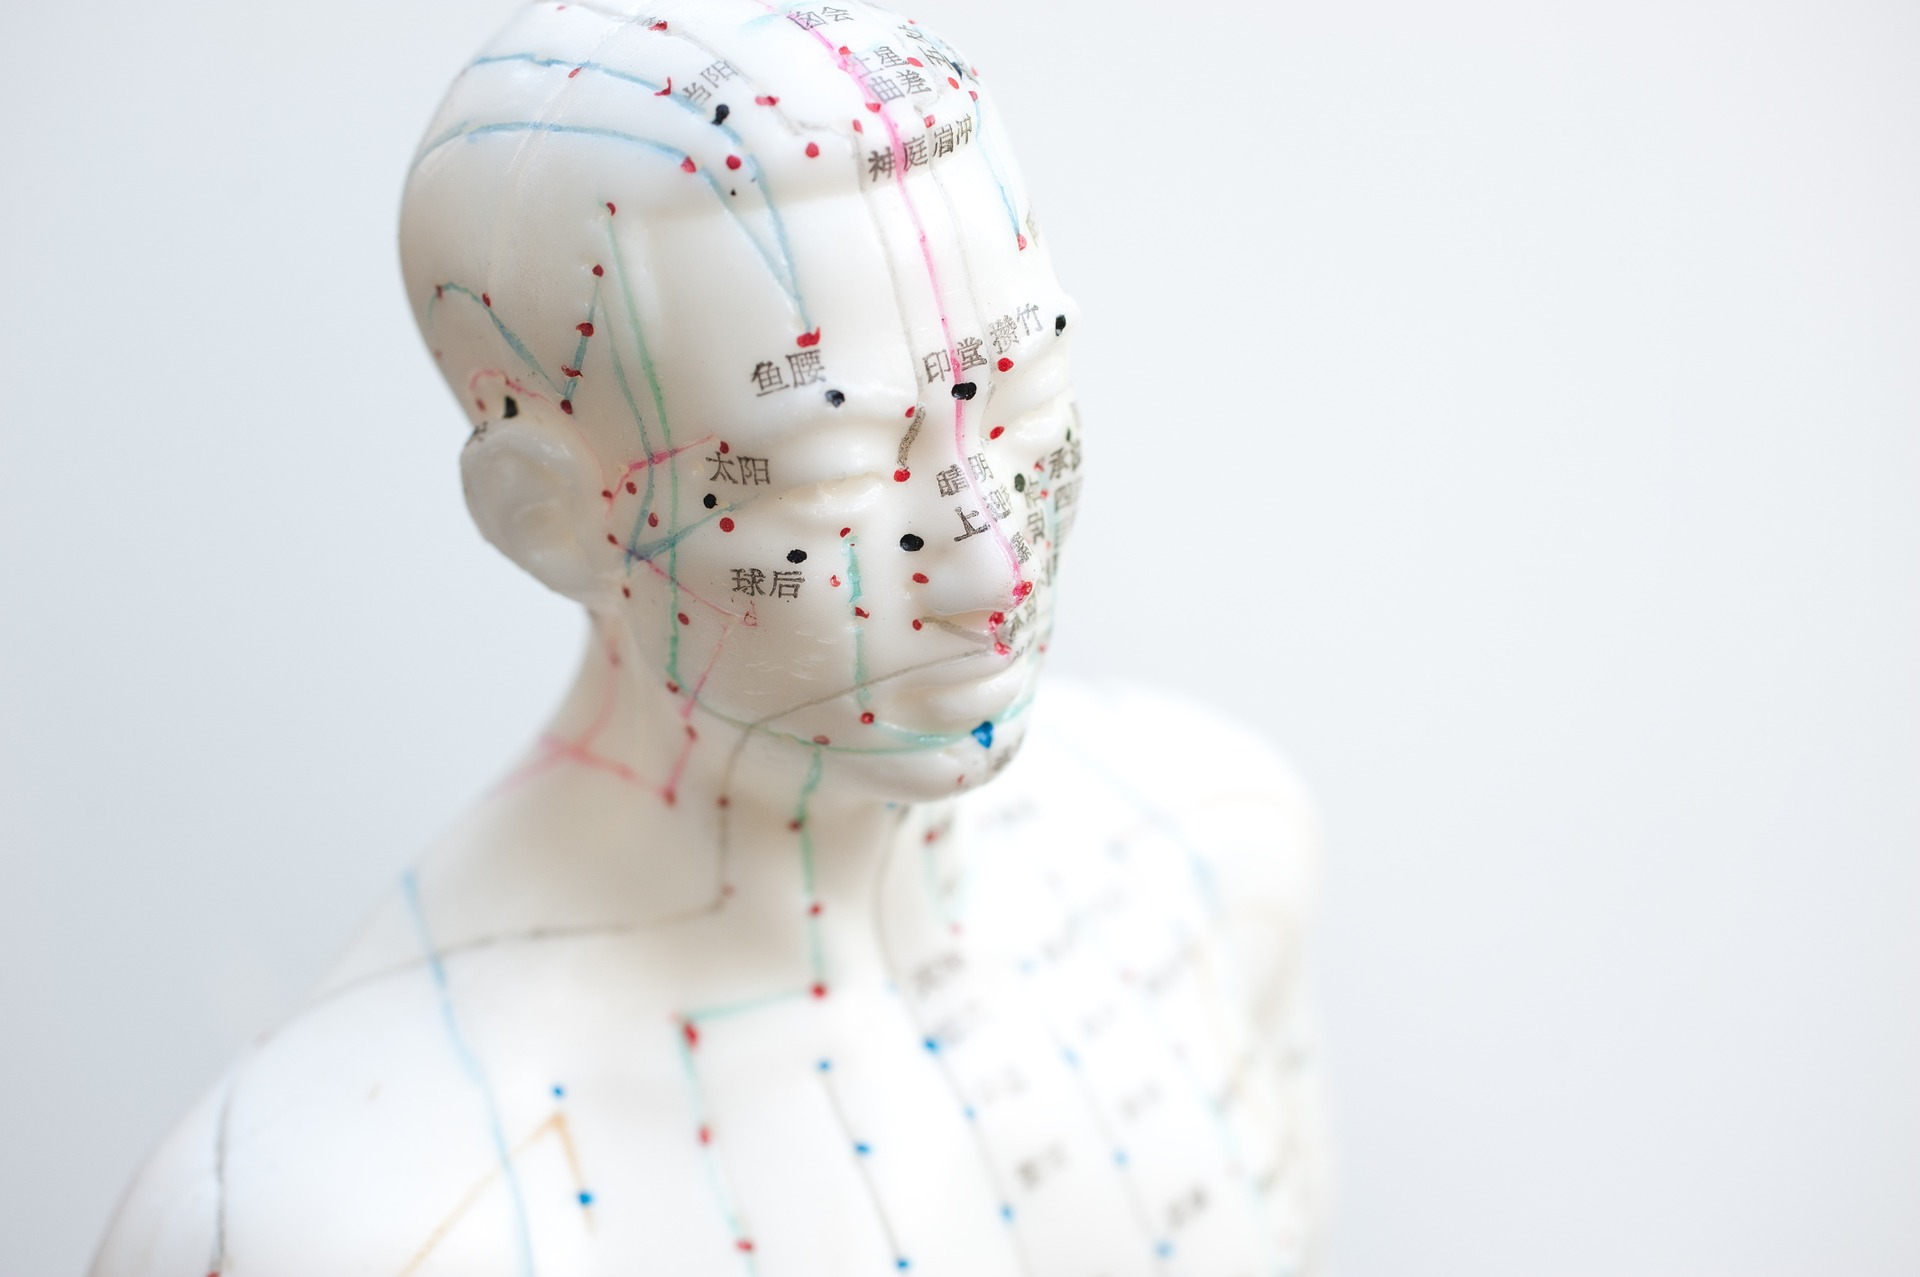 Clinicas de acupuntura para adelgazar en madrid